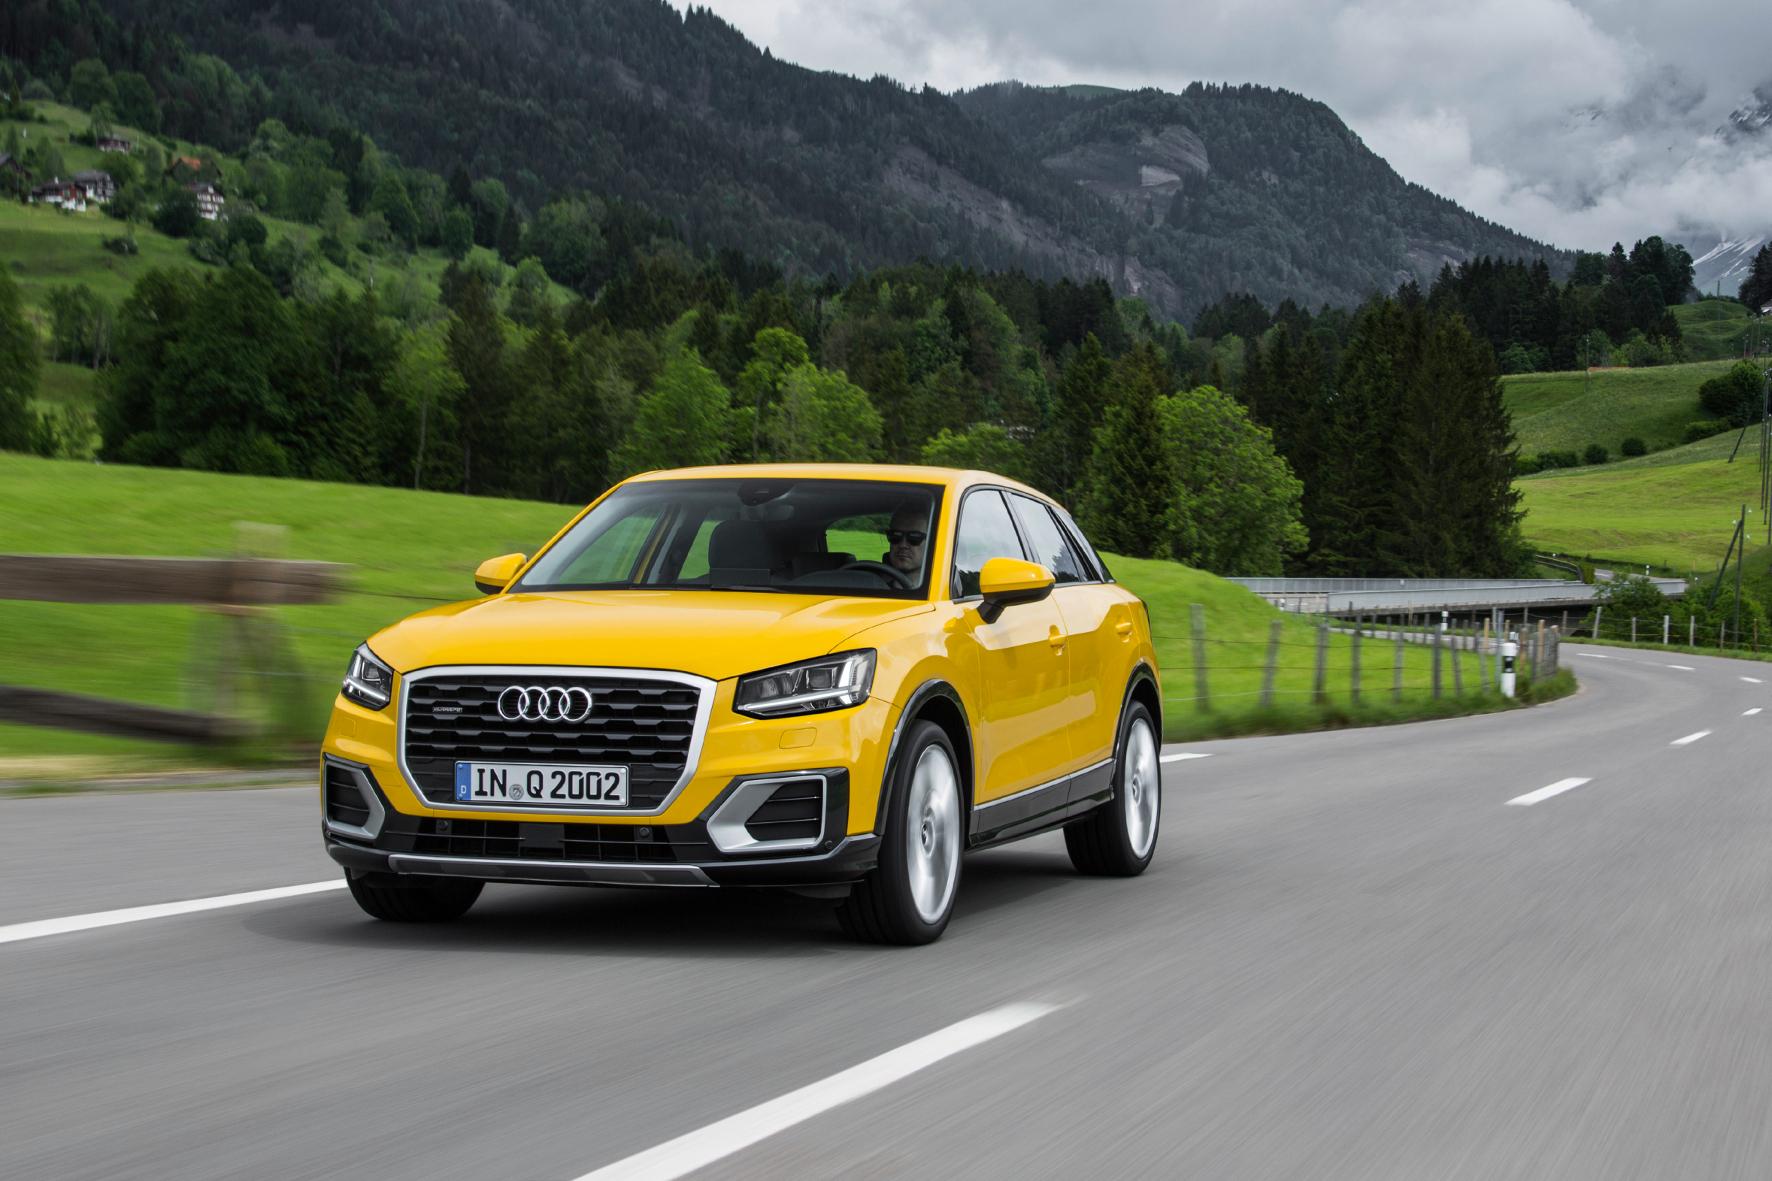 mid Zürich - Der Audi Q2 hat einen eigenständigen optischen Auftritt. Er wirkt definitiv nicht wie ein geschrumpfter Q3.